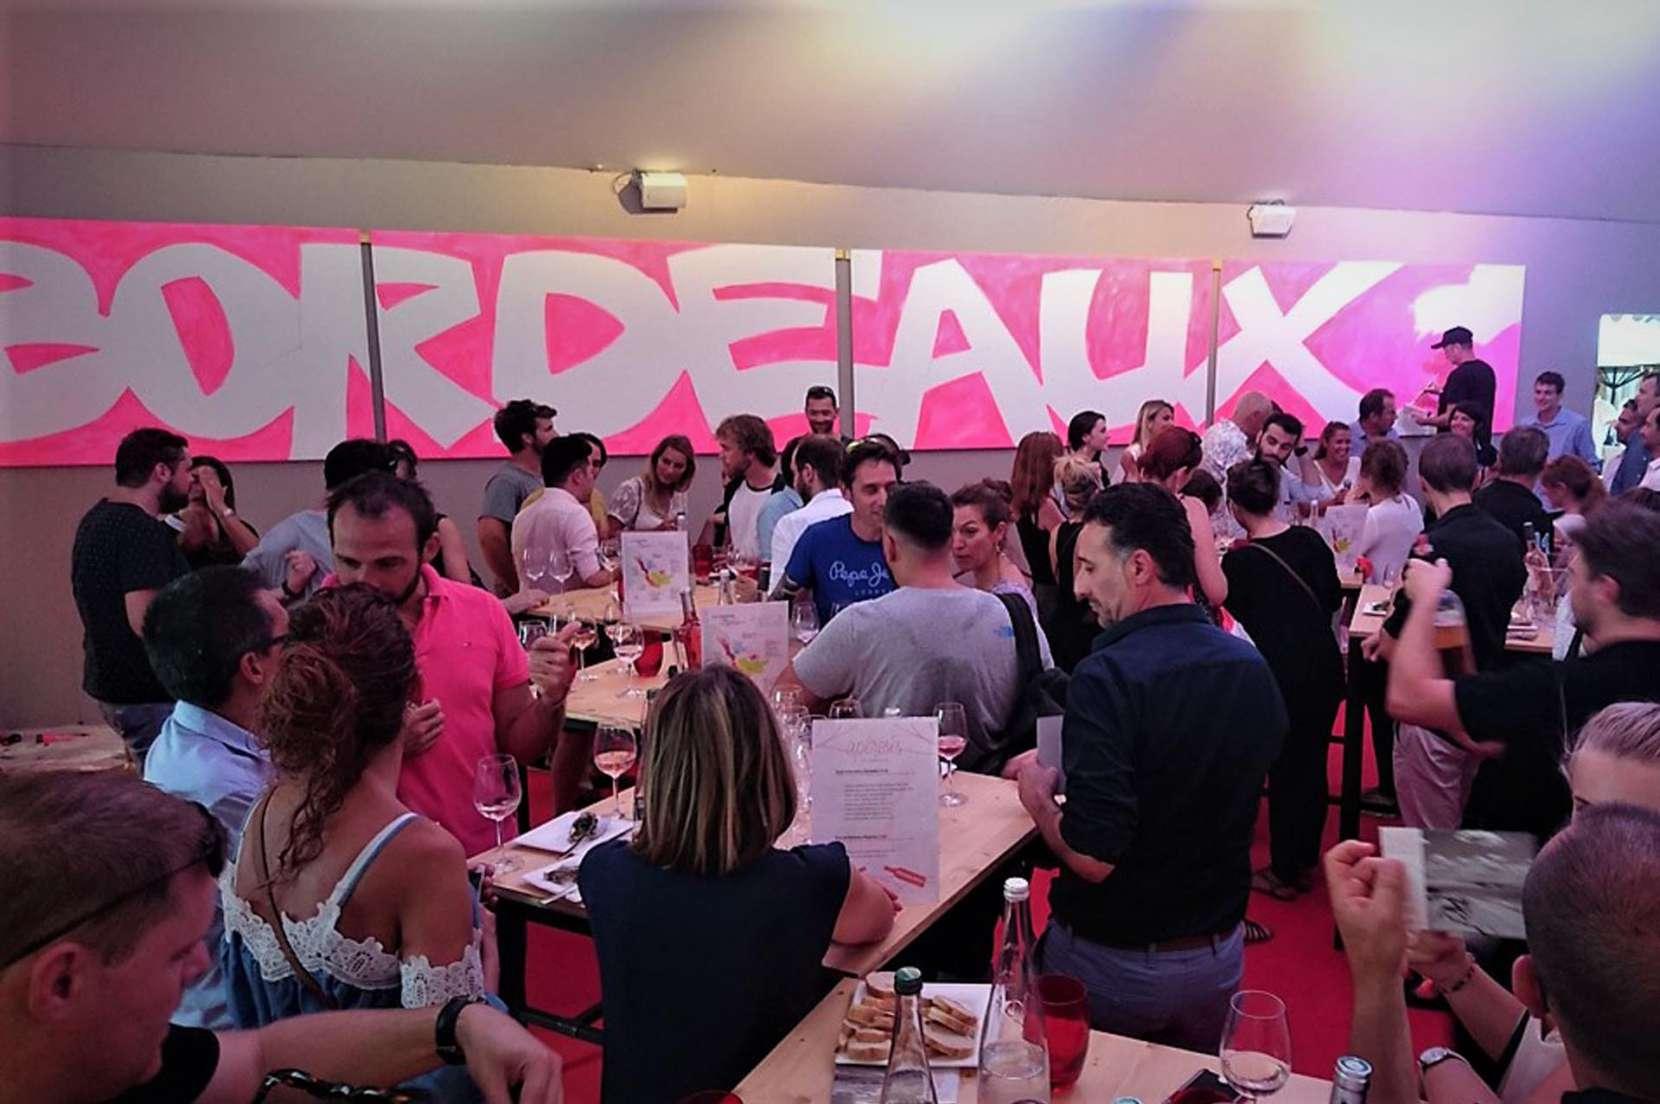 Les-Epicuriales-Restaurant-les-Etoiles-dEpicure-1660x1104.jpg